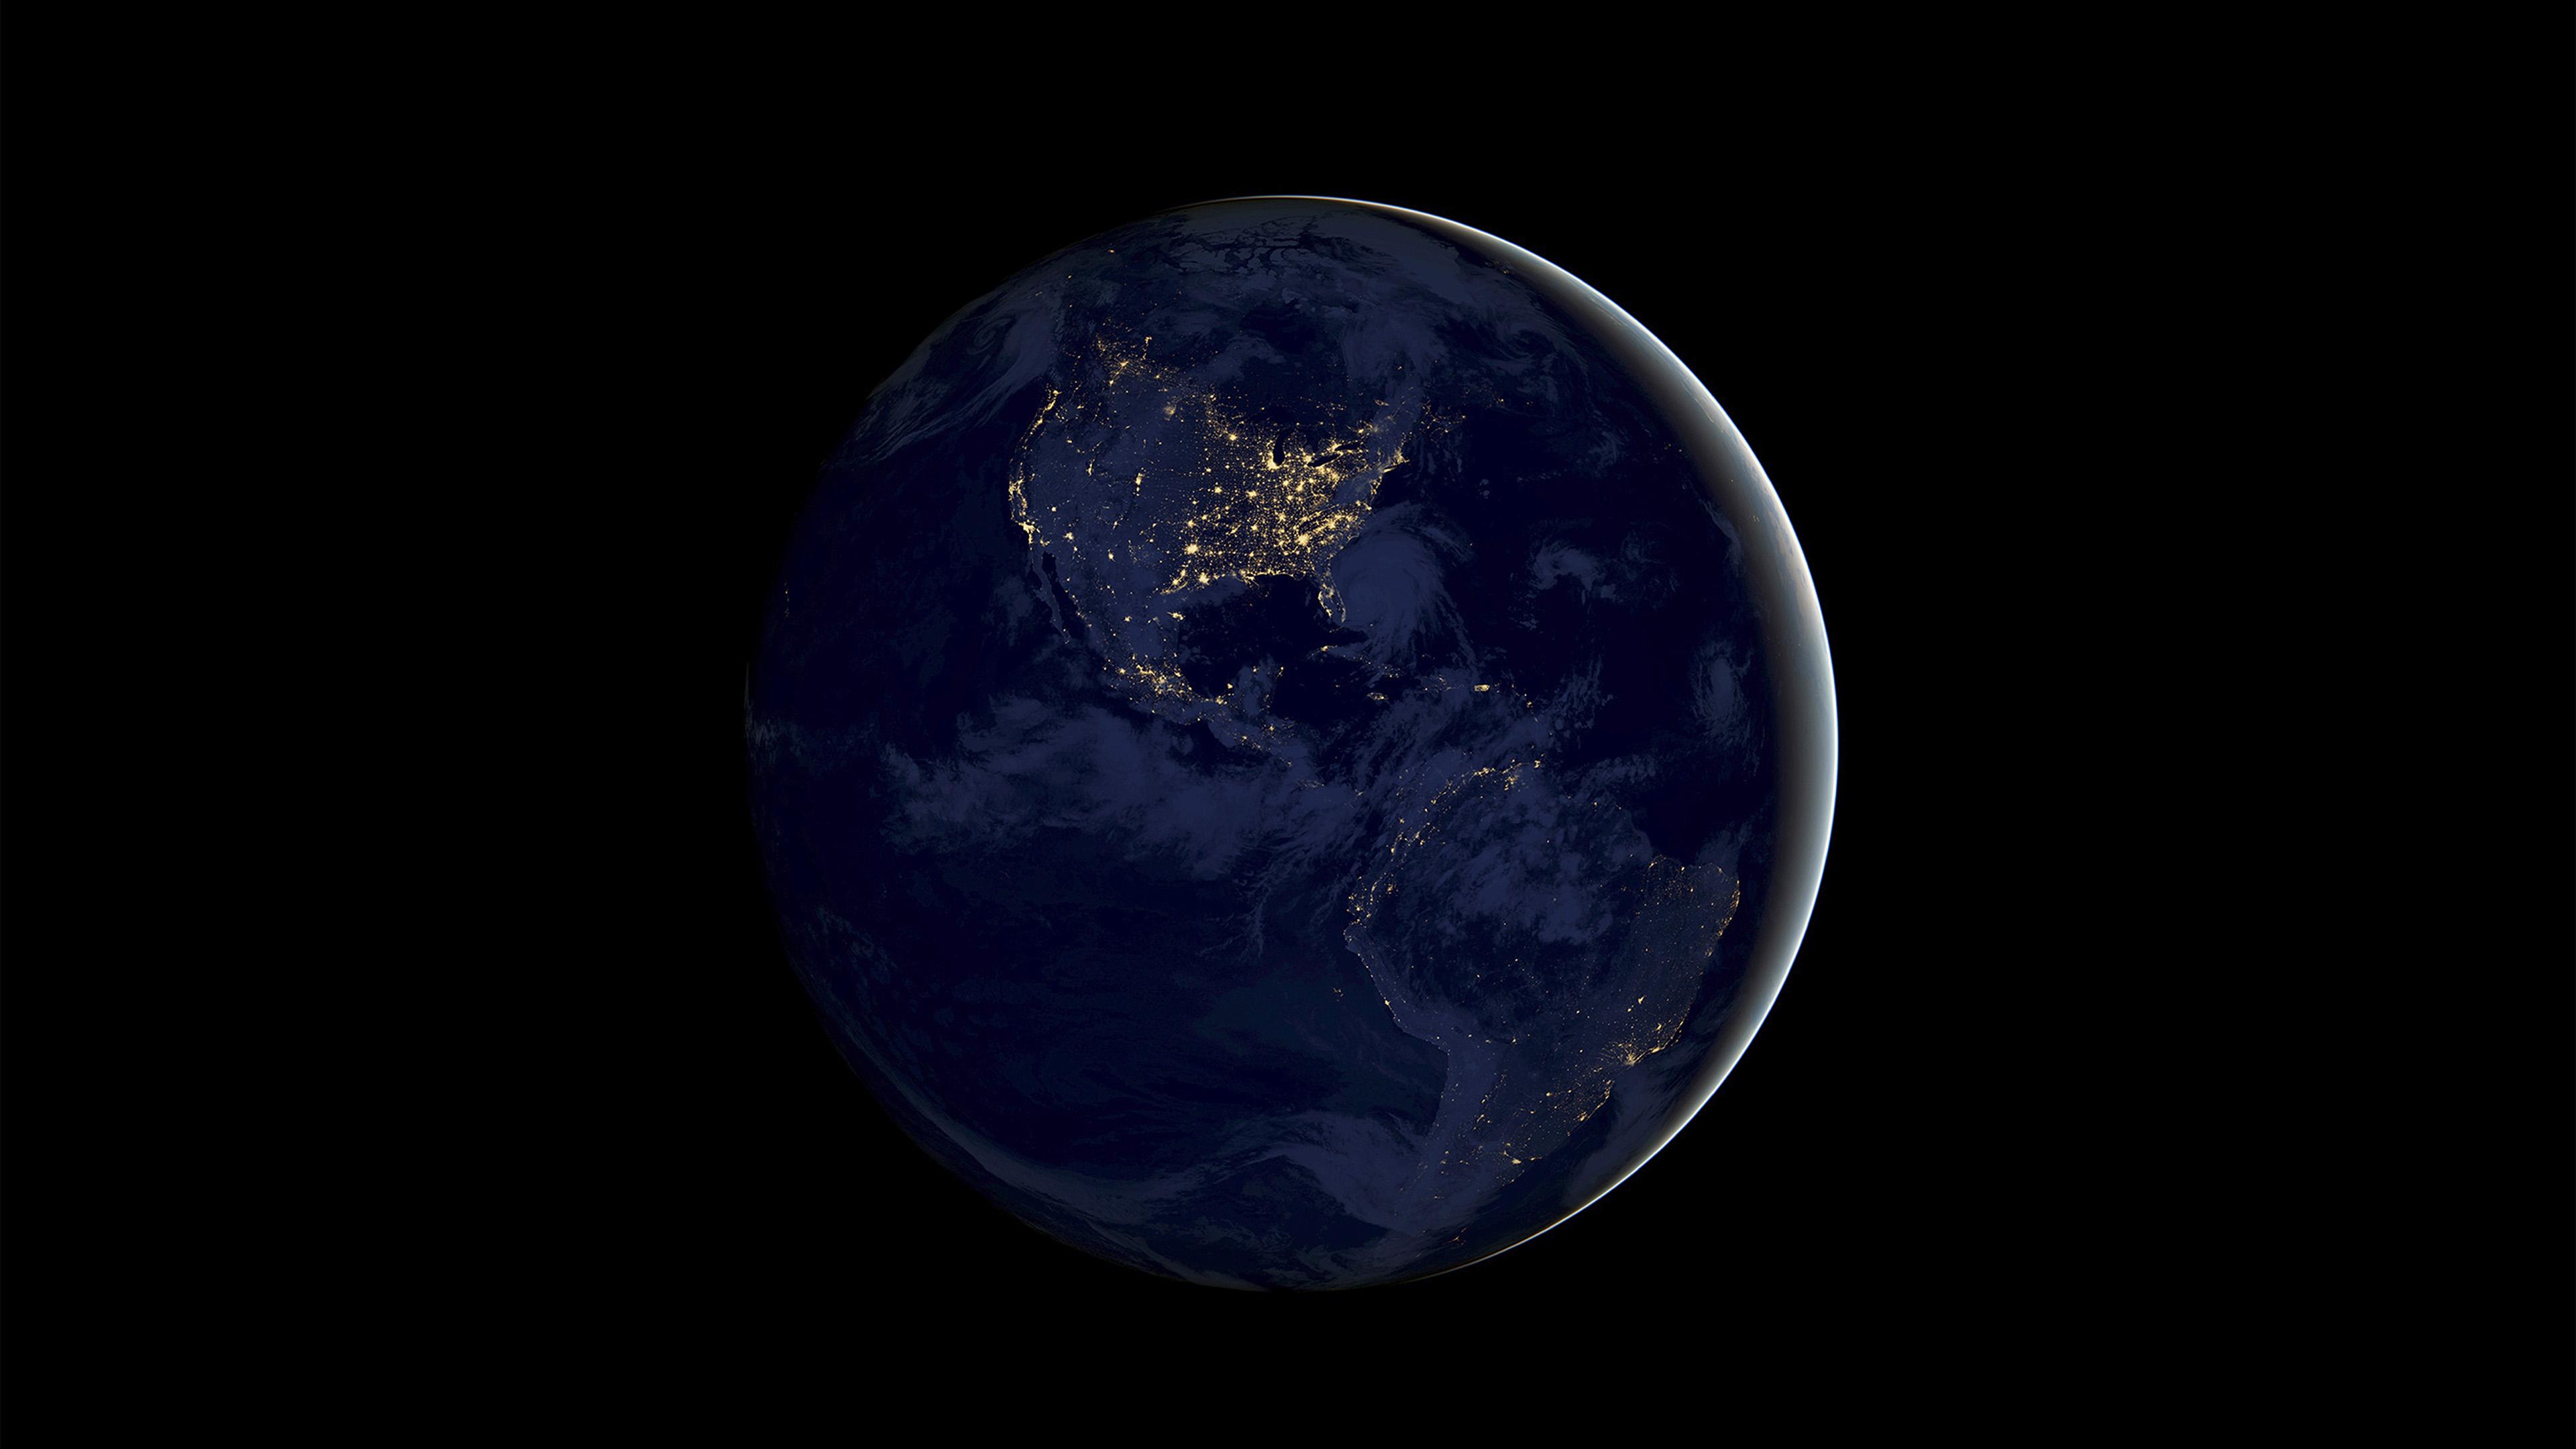 Fall Mac Wallpaper Bd20 Earth Space Dark Night Art Illustration Wallpaper